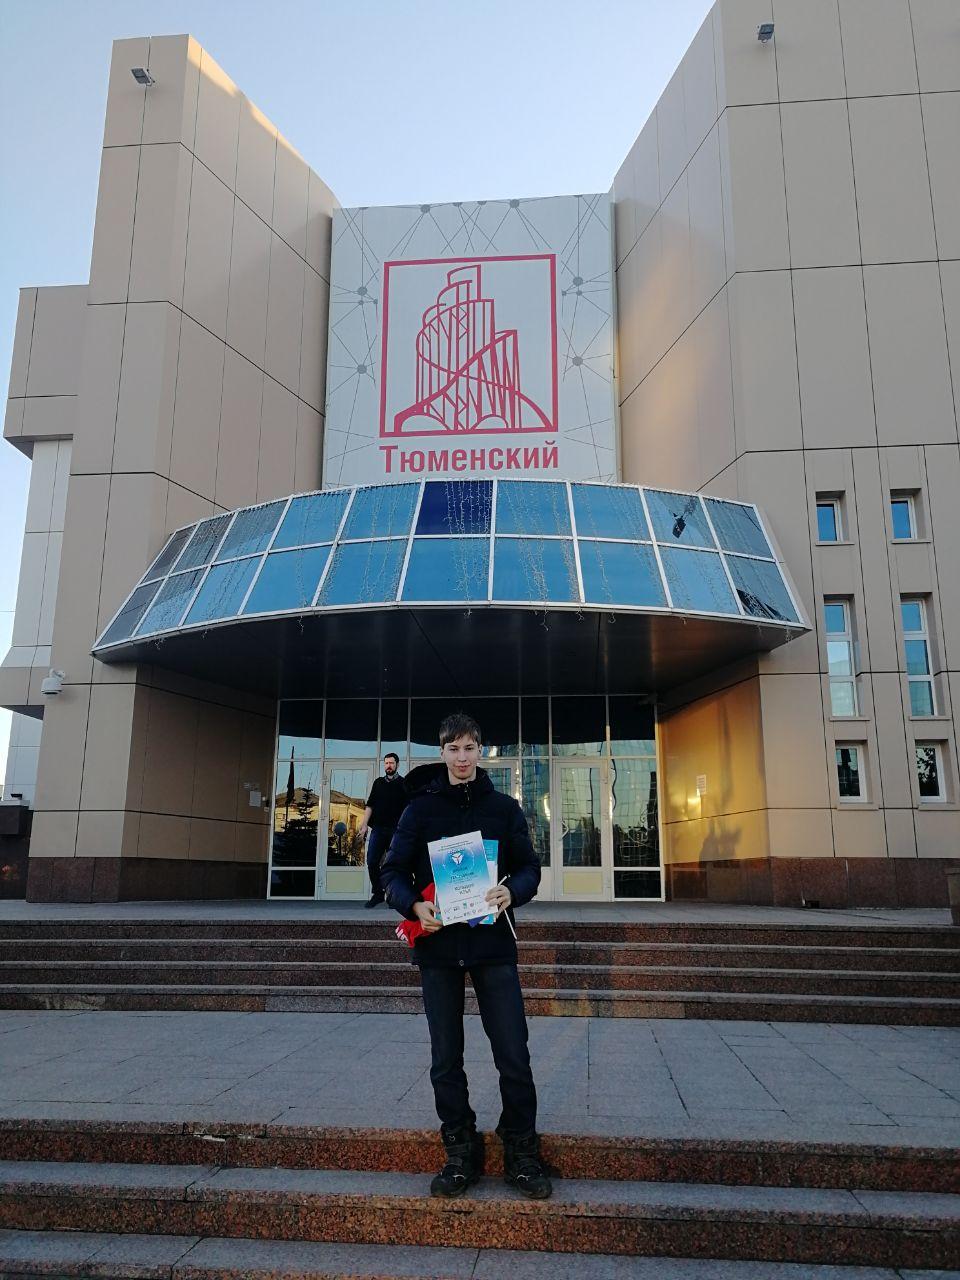 Челябинец стал призёром престижных 3D соревнований